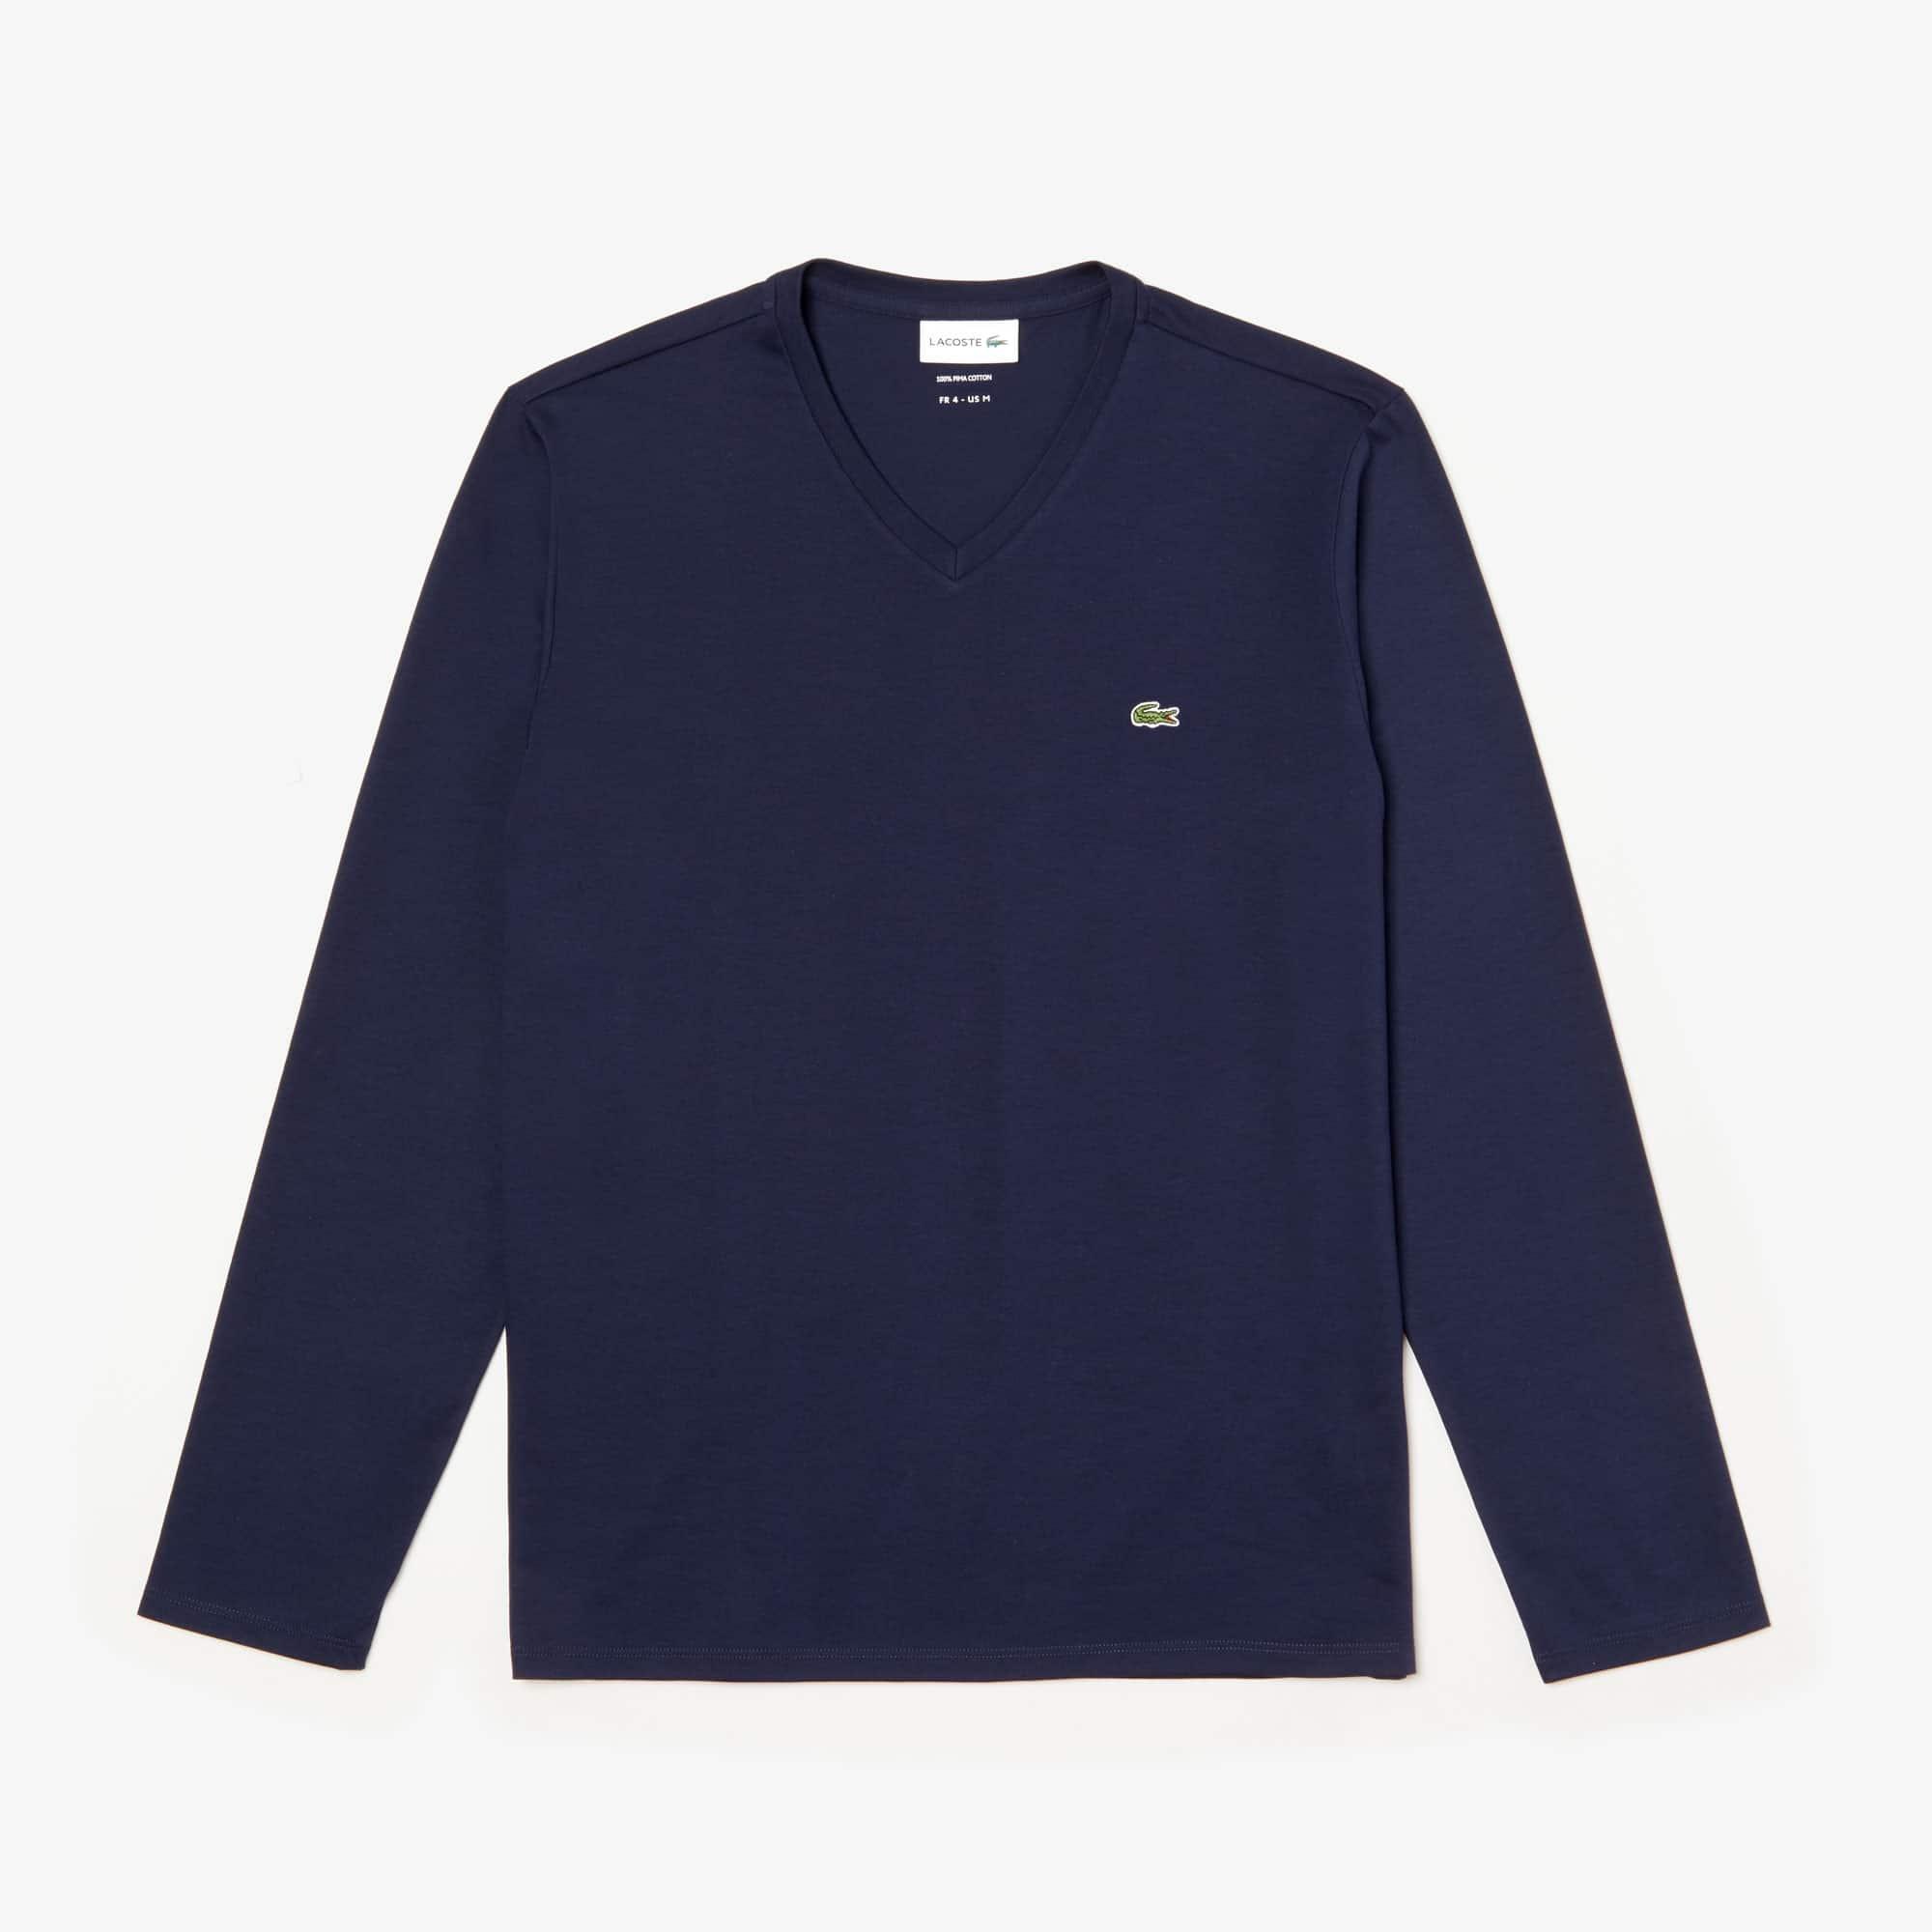 라코스테 V넥 긴팔 티셔츠 Lacoste Mens V-neck Pima Cotton Jersey T-shirt,navy blue